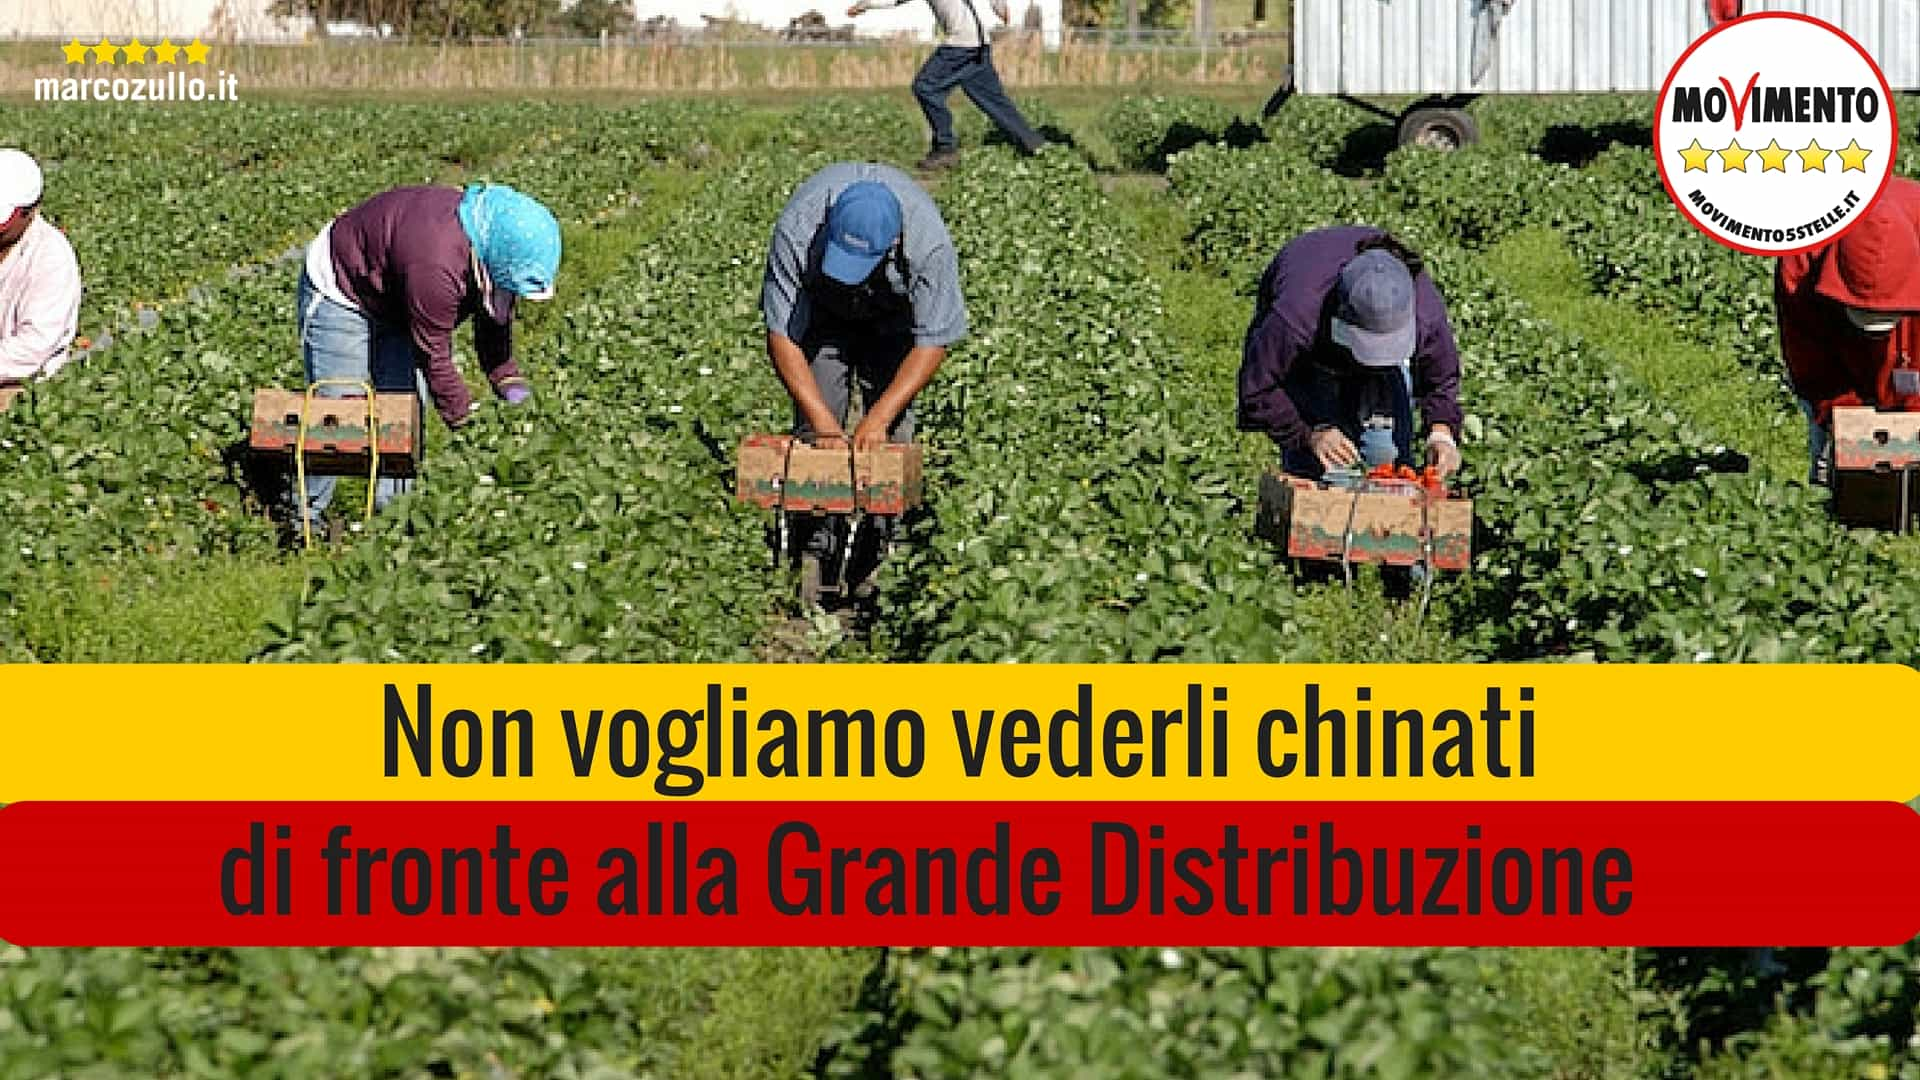 Marco Zullo M5S Europa pratiche commerciali sleali agricoltura grande distribuzione